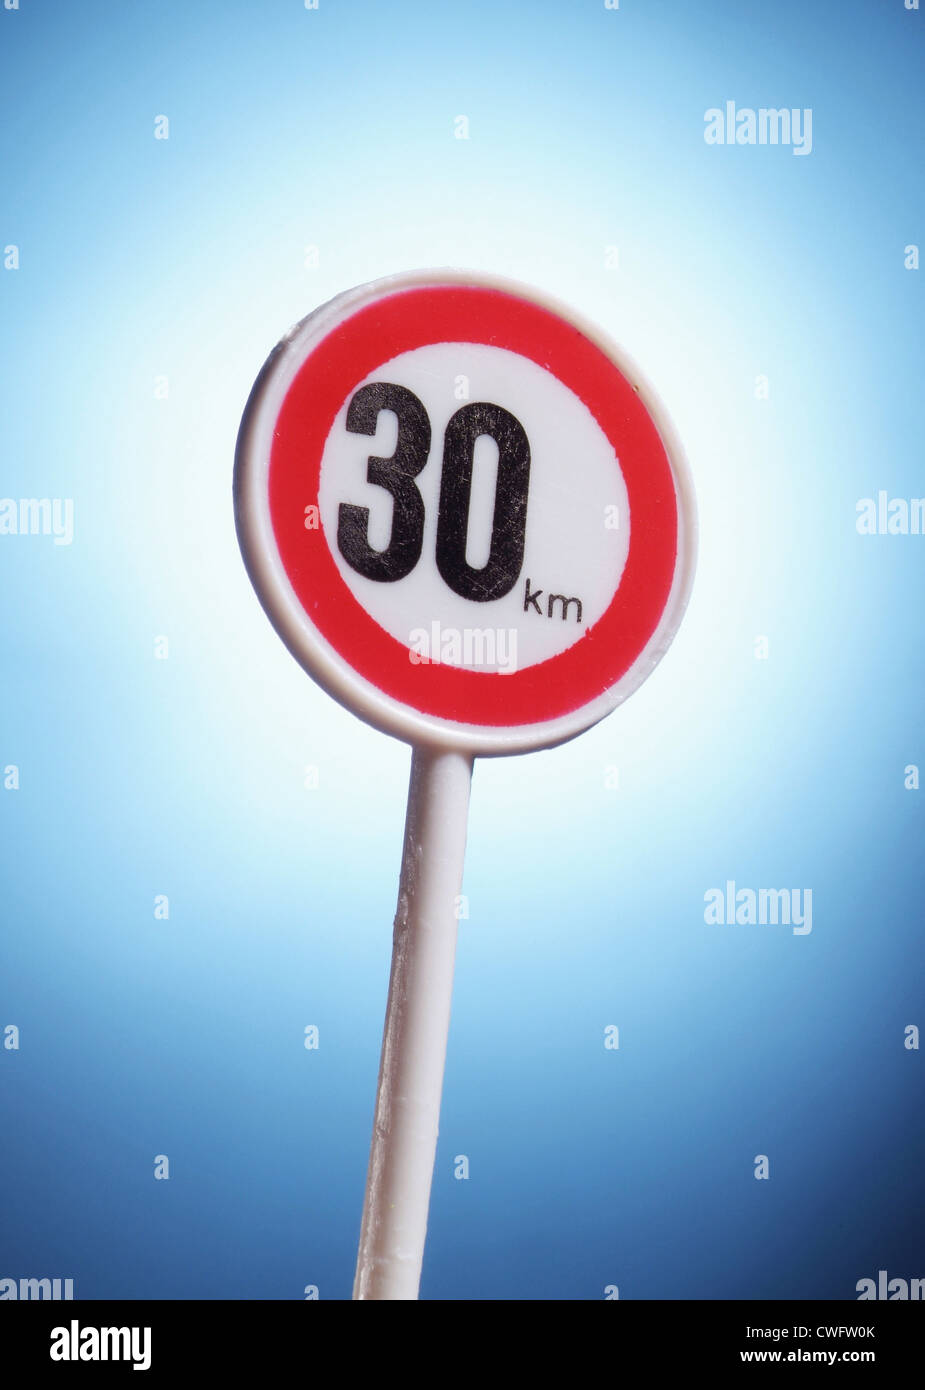 Maximum allowable speeds